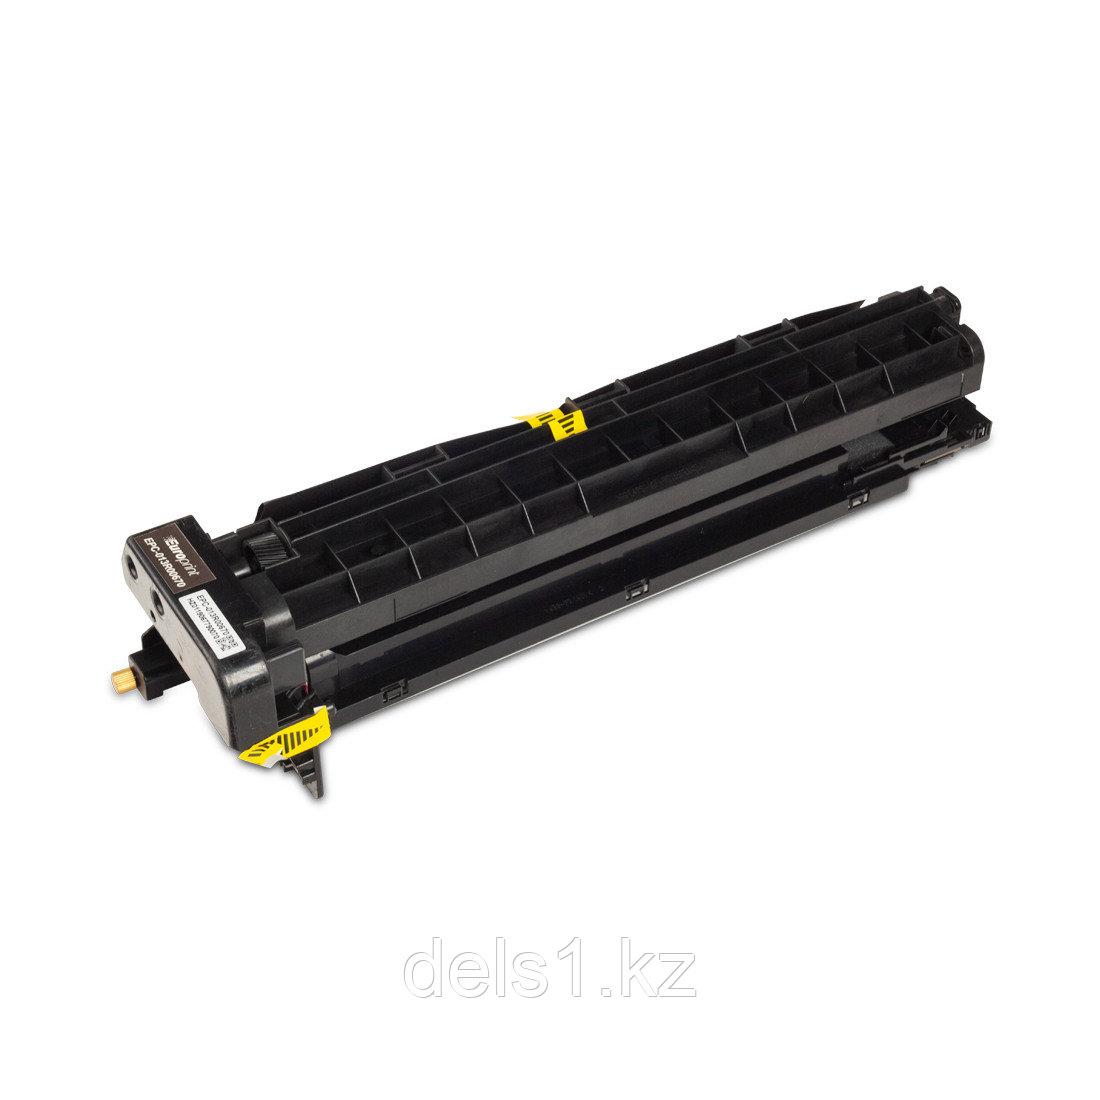 Драм-картридж, Europrint, EPC-013R00670, Для принтеров Xerox WorkCentre 5019/5021/5022/5024, 80000 страниц.